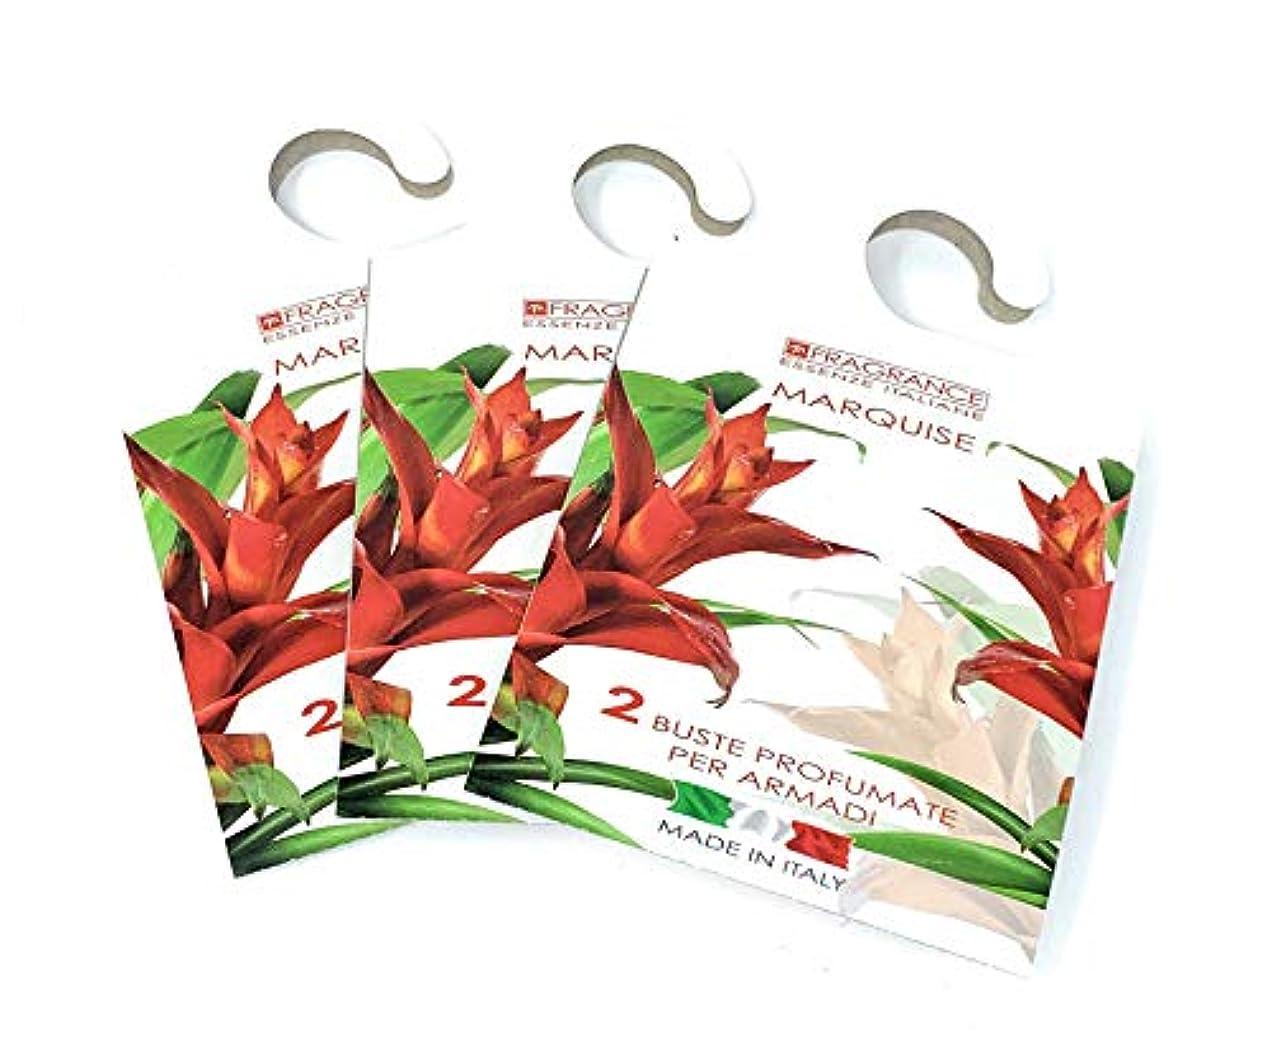 送料答えページMERCURY ITALY 吊り下げるサシェ(香り袋) FIOREALE イタリア製 マルキーズの香り/MARQUISE 2枚入り×3パック [並行輸入品]